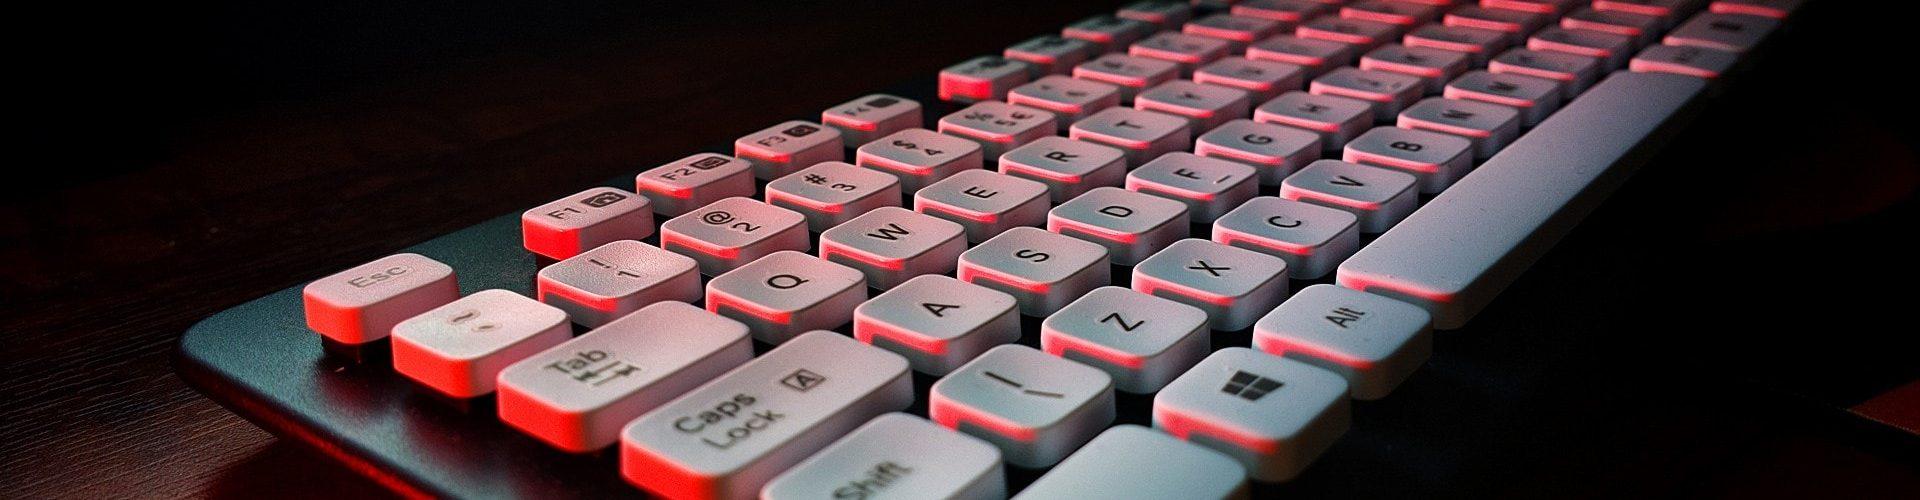 Klavye Dili Nasıl Değiştirilir